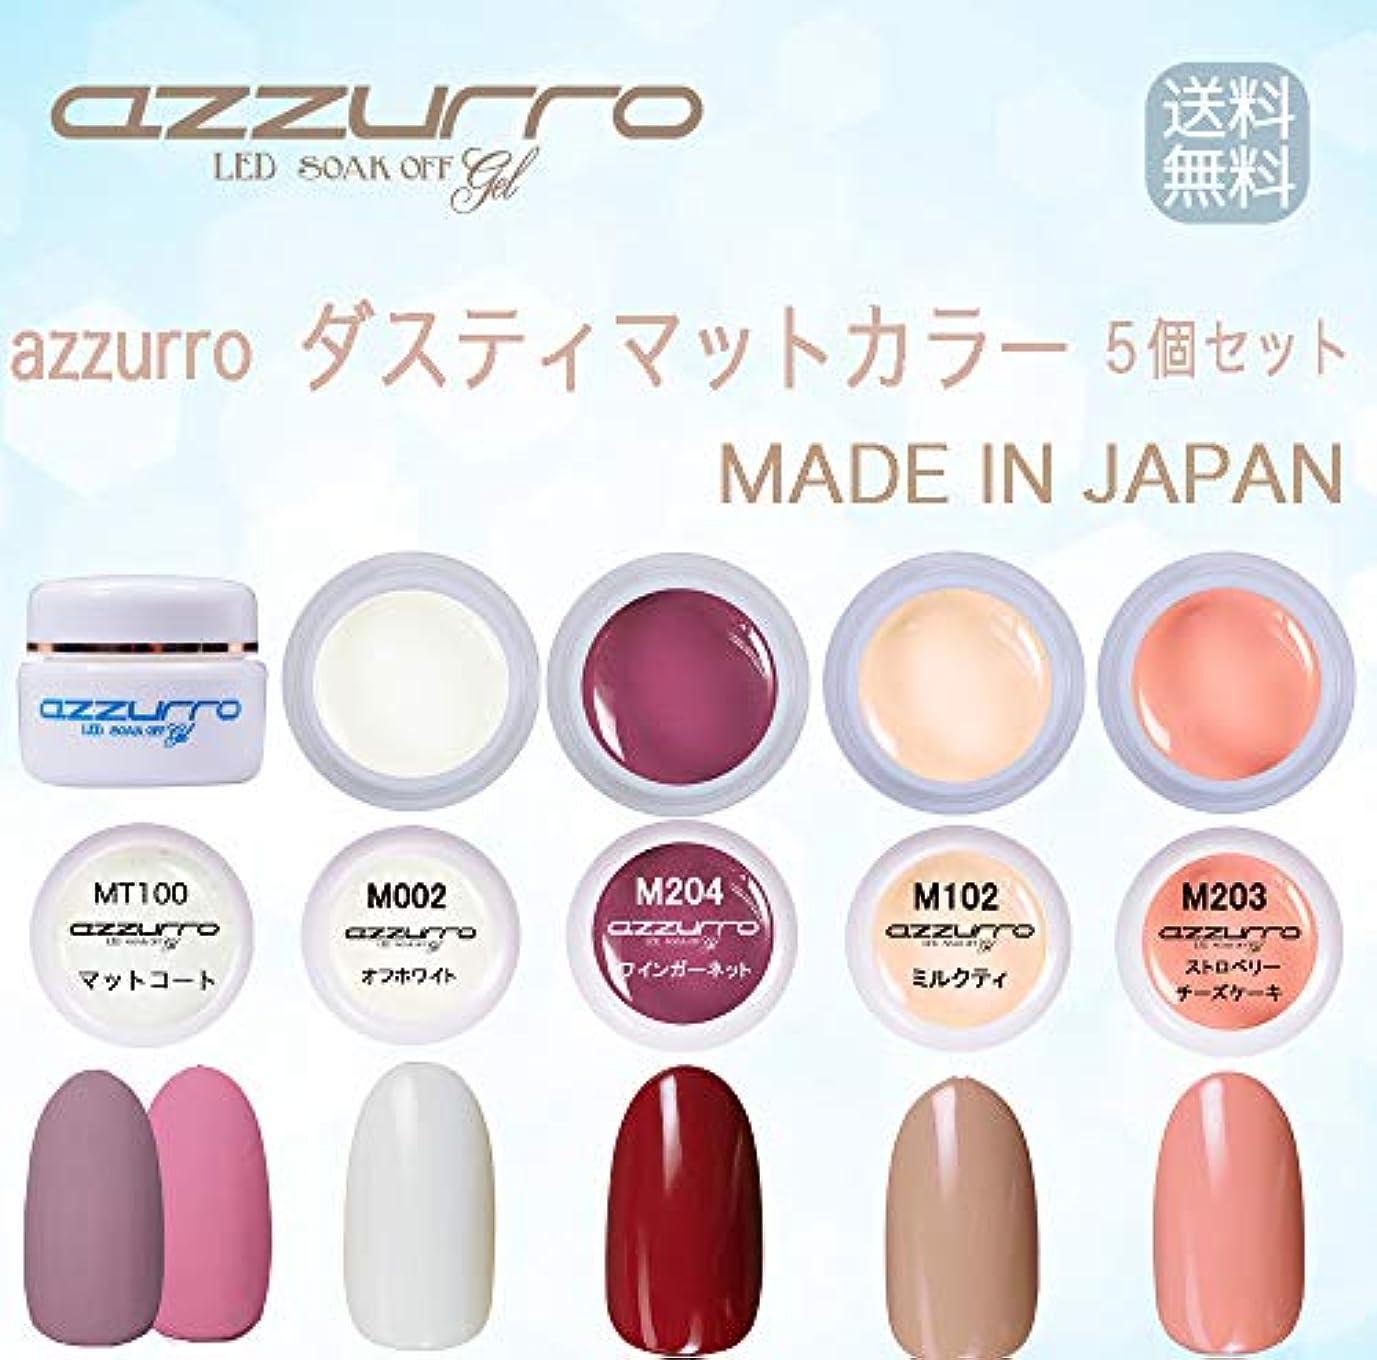 二十北へぺディカブ【送料無料】日本製 azzurro gel ダスティマットカラージェル5個セット 春ネイルにぴったりなダスティなマットカラー